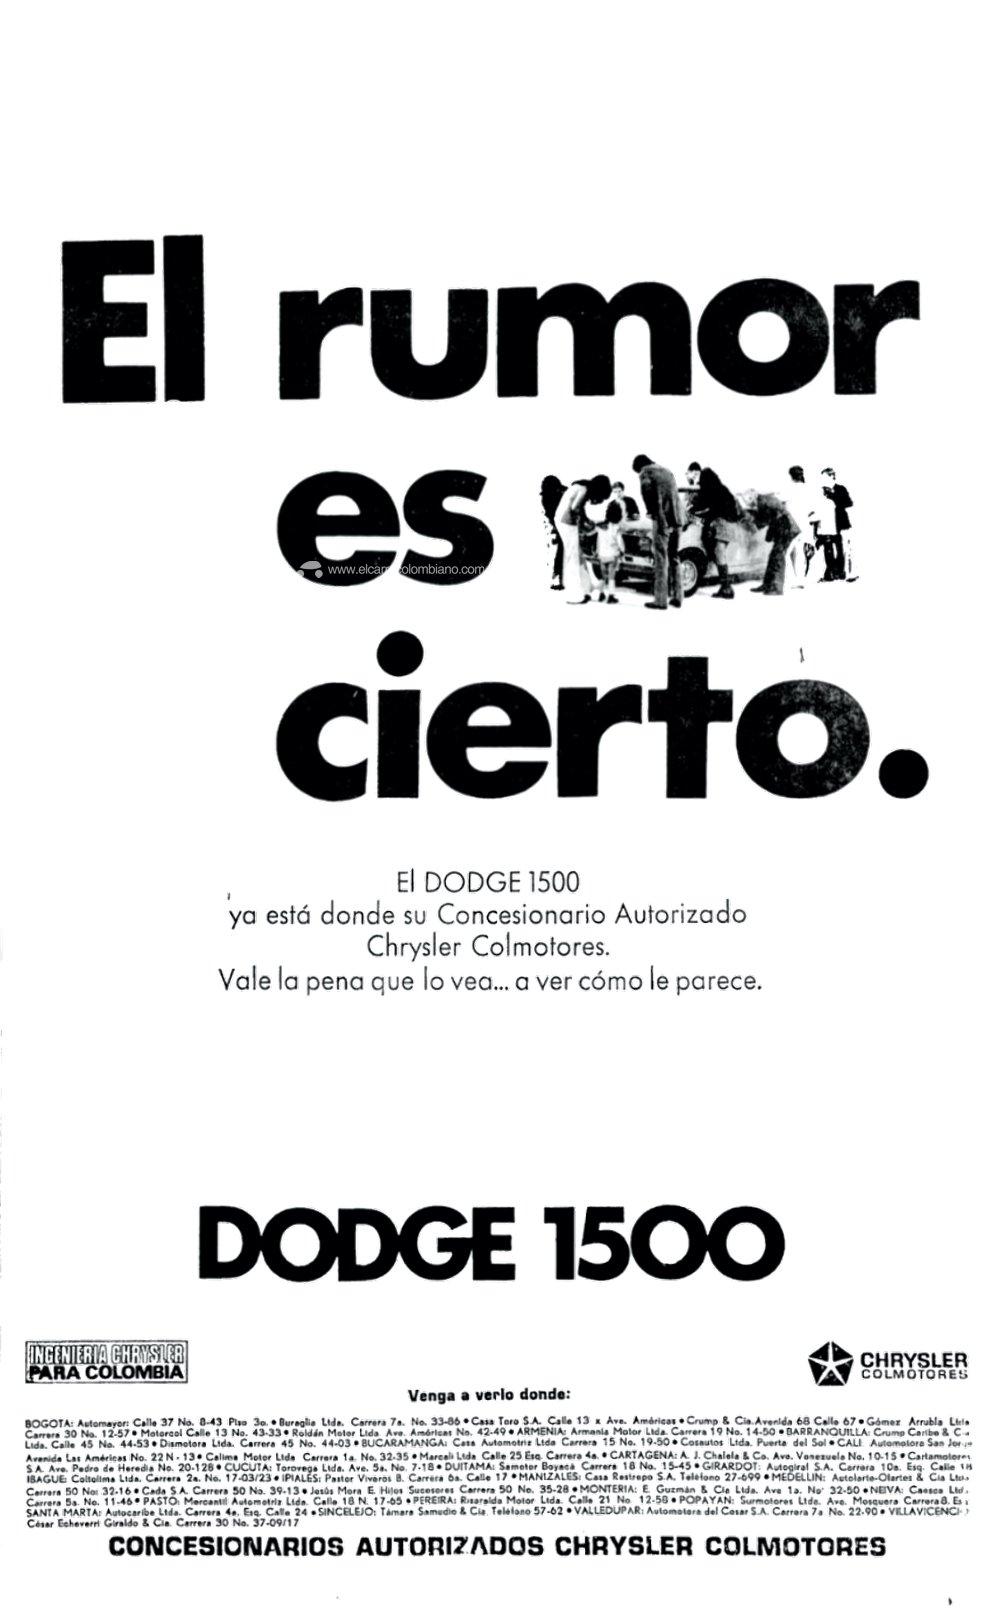 Dodge 1500 Publicidad en Colombia